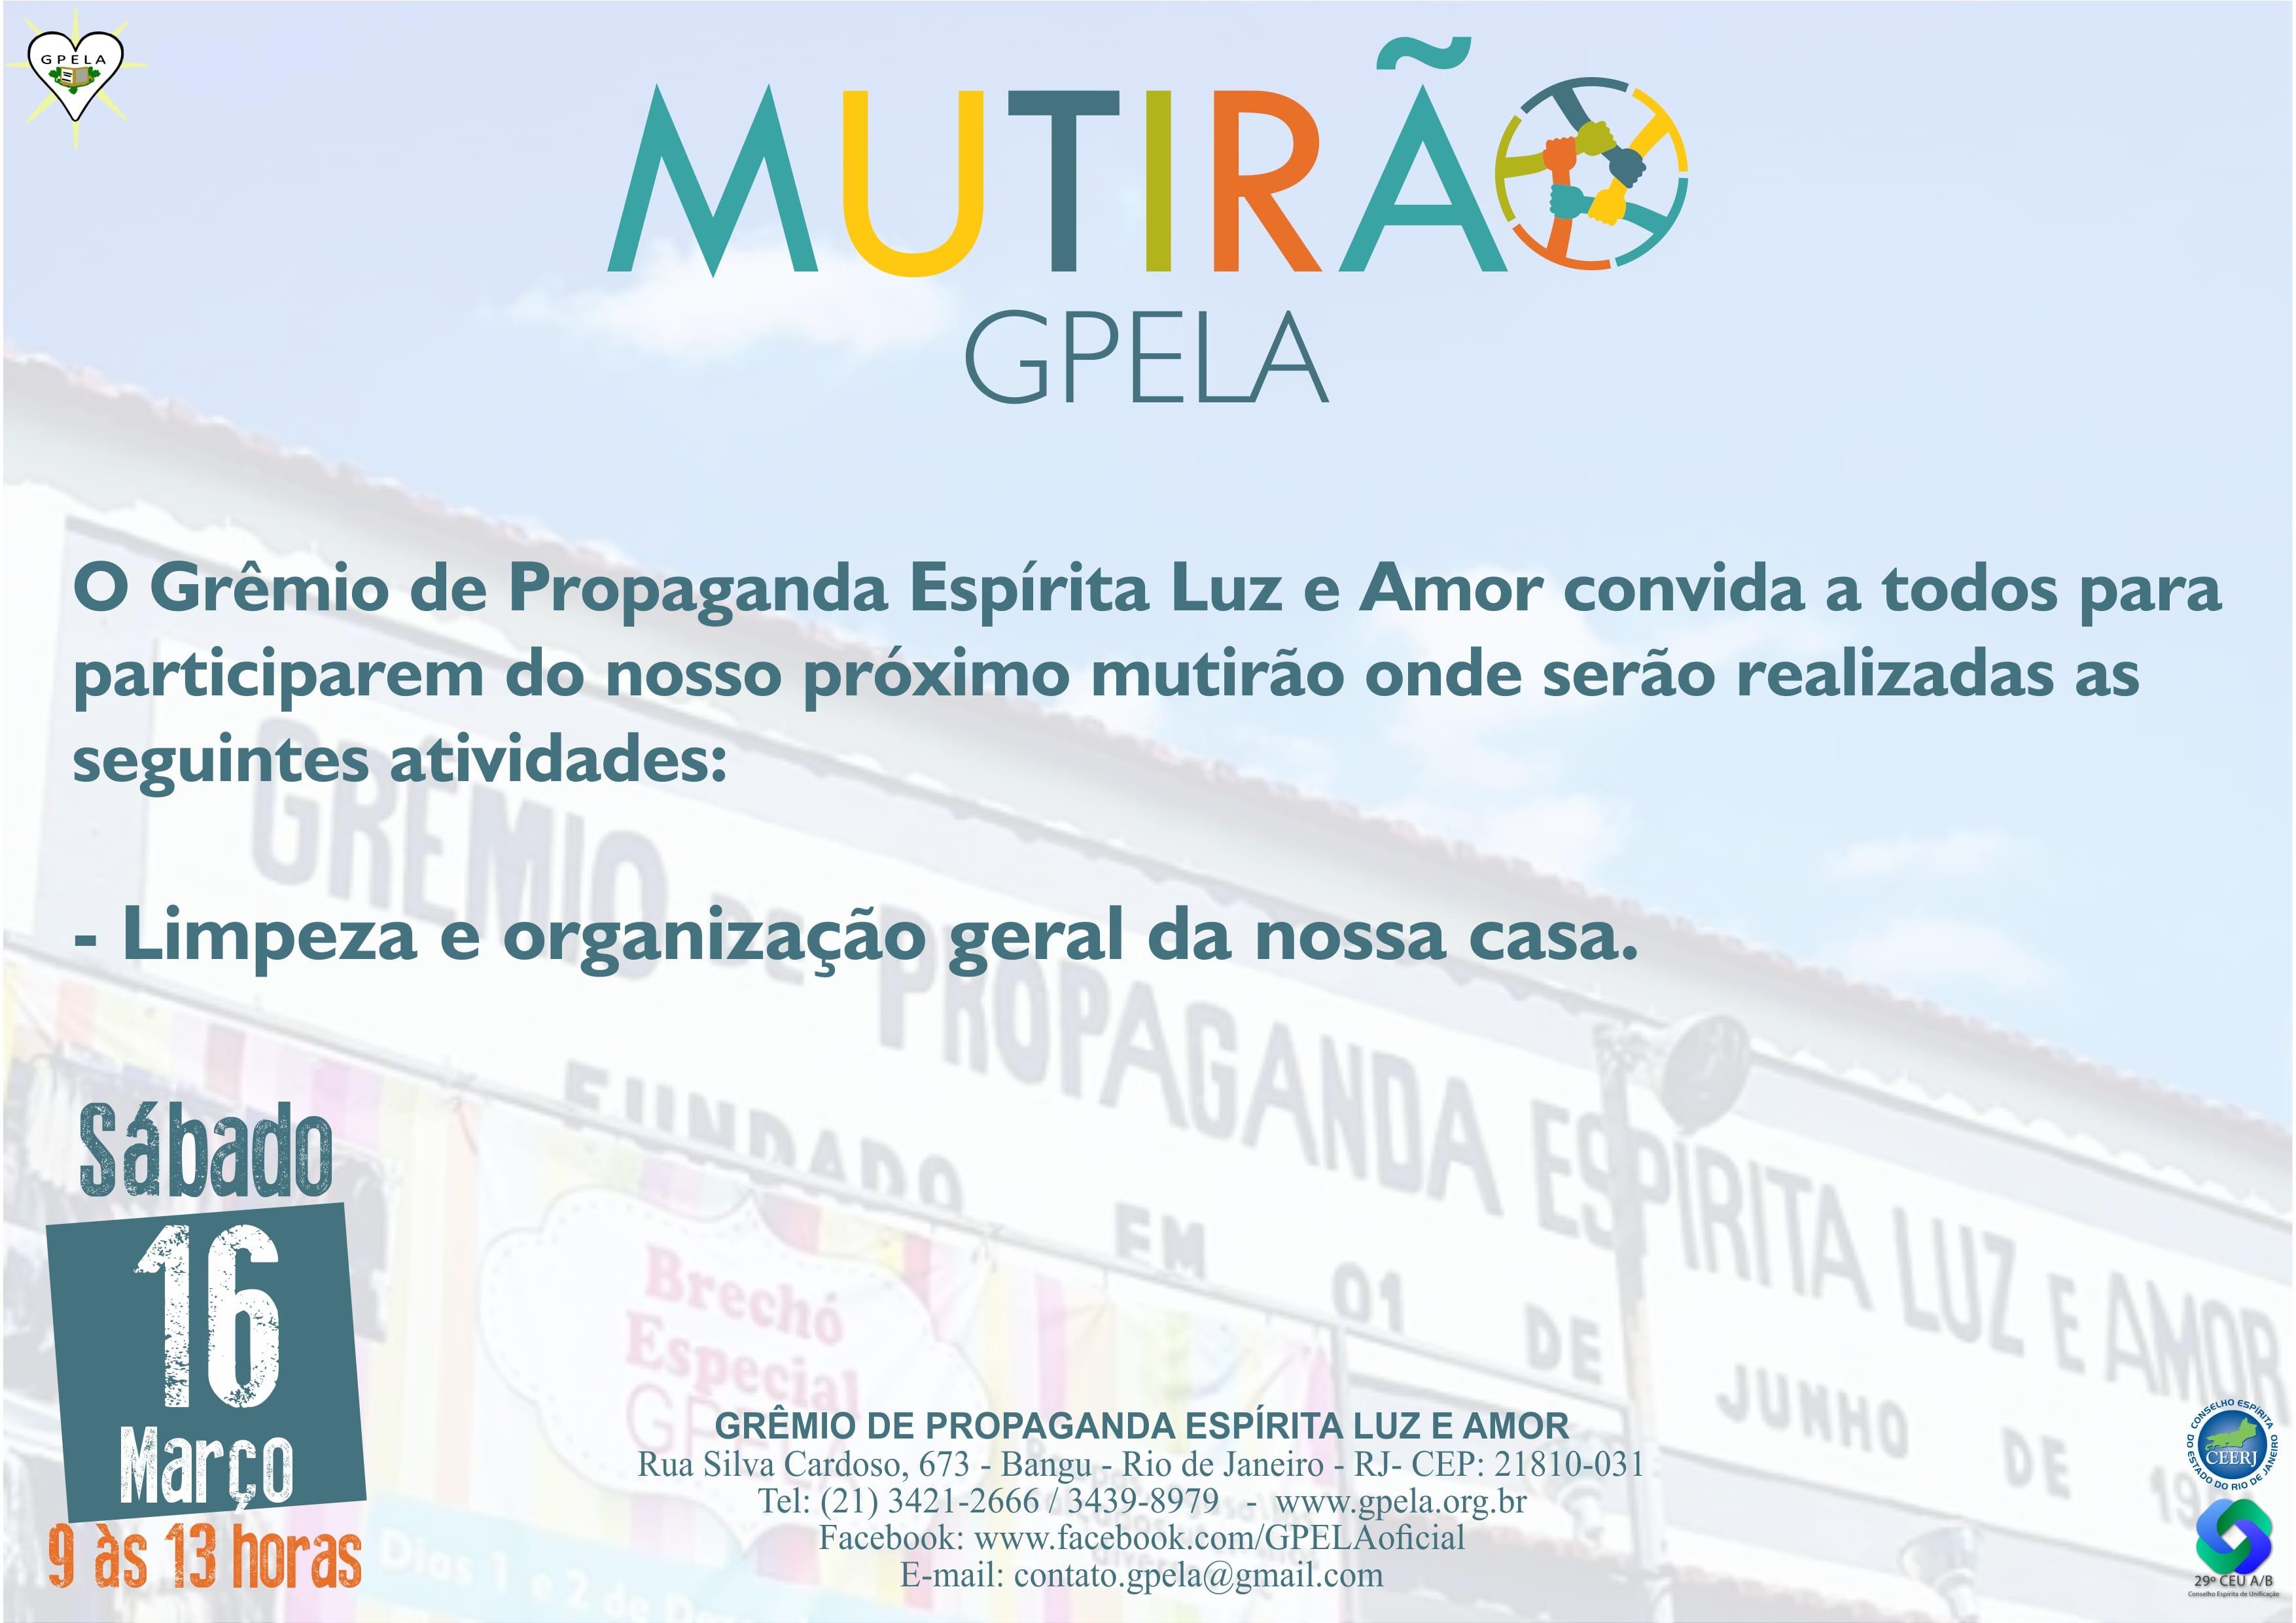 16/03 – Mutirão Gpela.